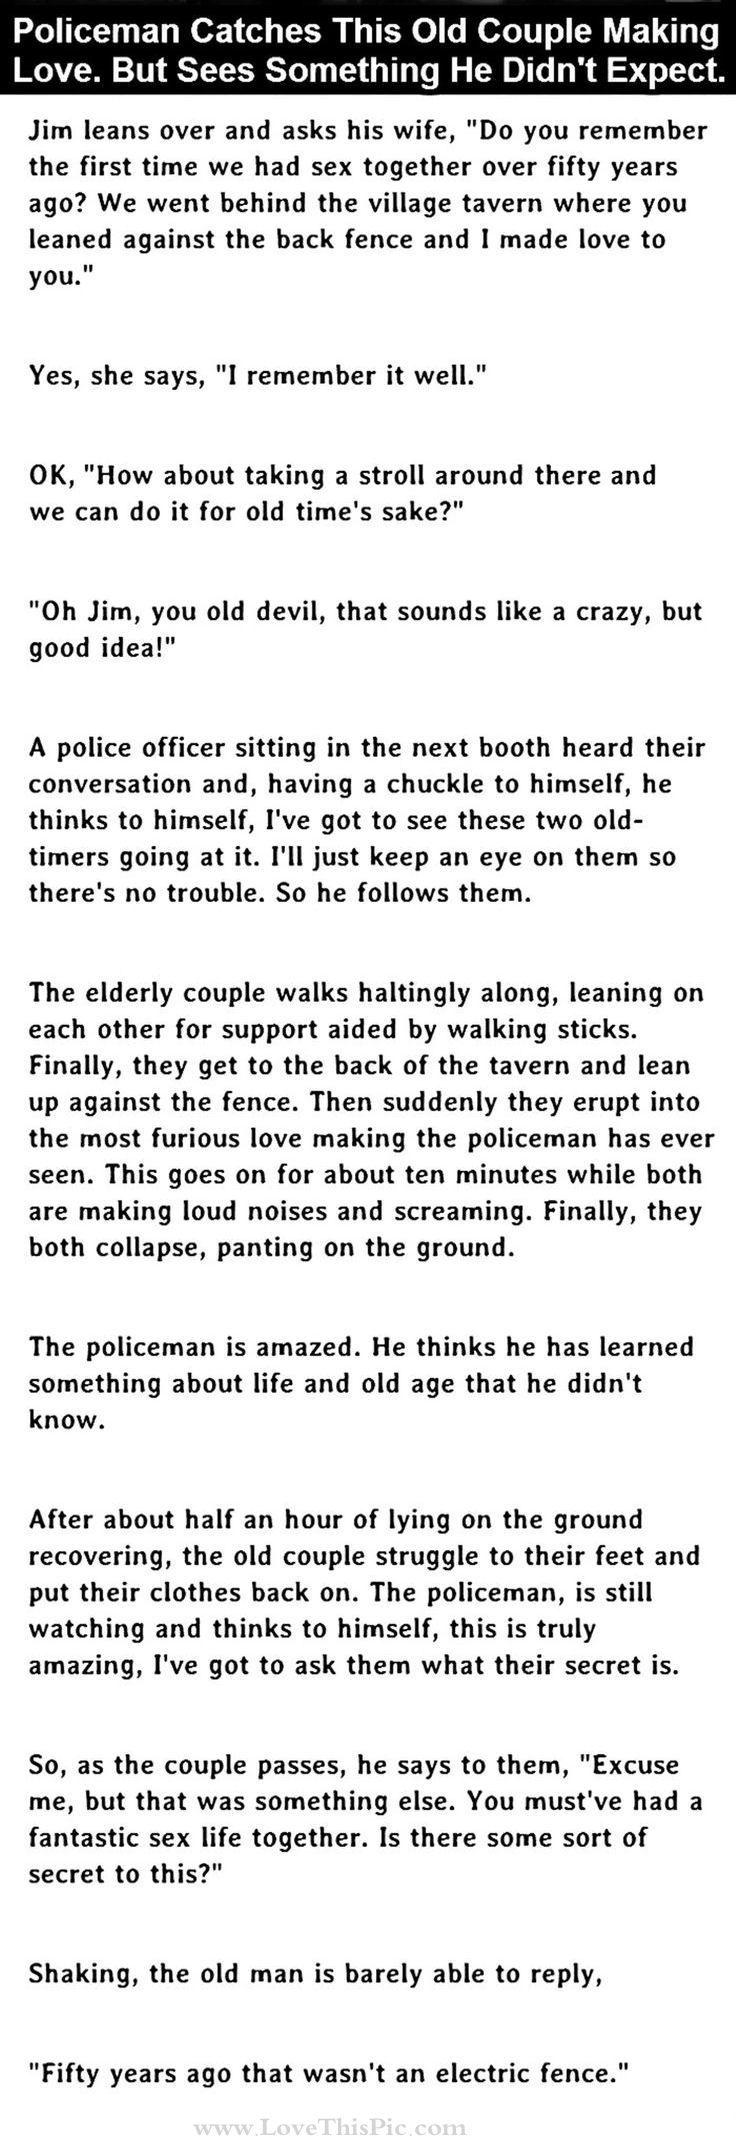 Sex story joke